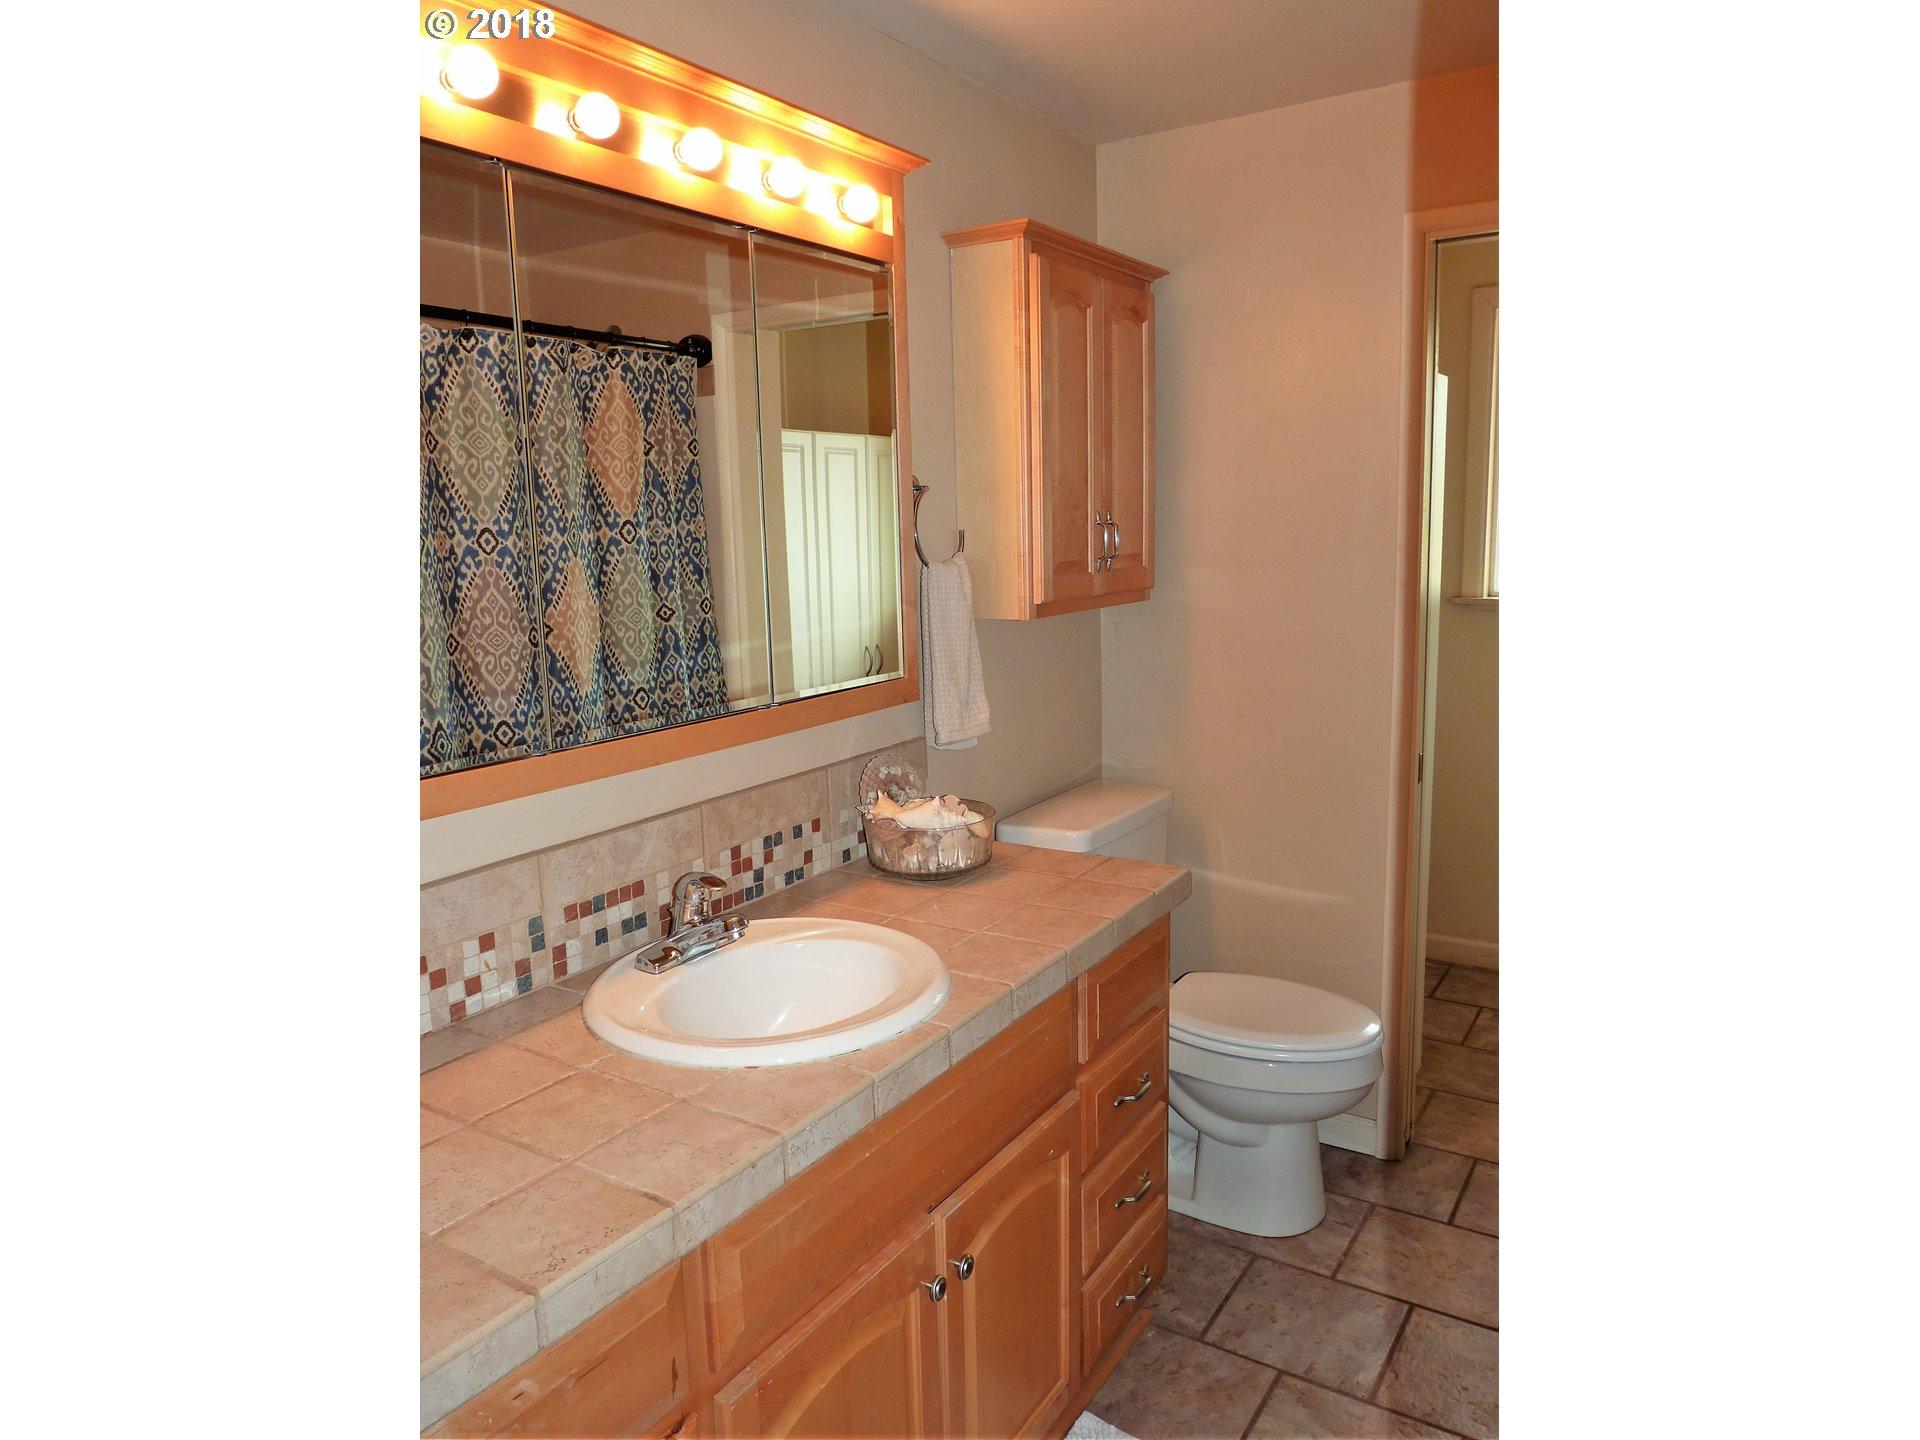 340 VALLEY RD Roseburg, OR 97471 - MLS #: 18048081